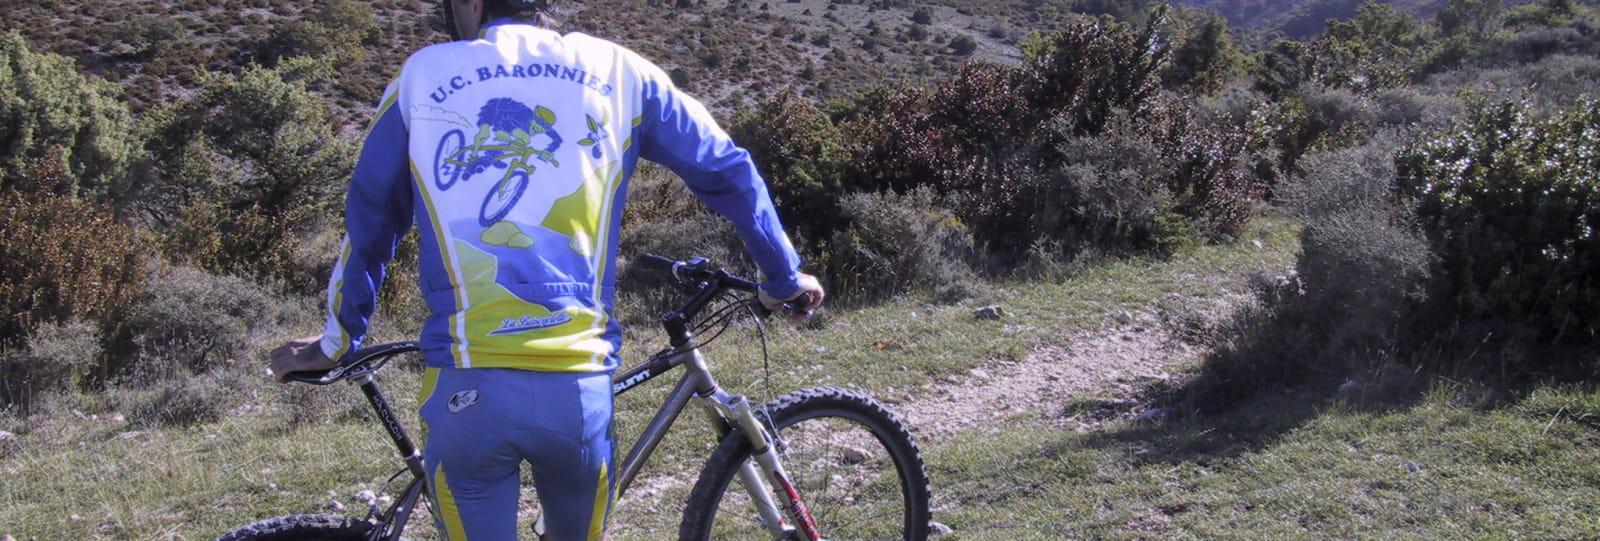 Sorties avec l'Union cycliste des Baronnies